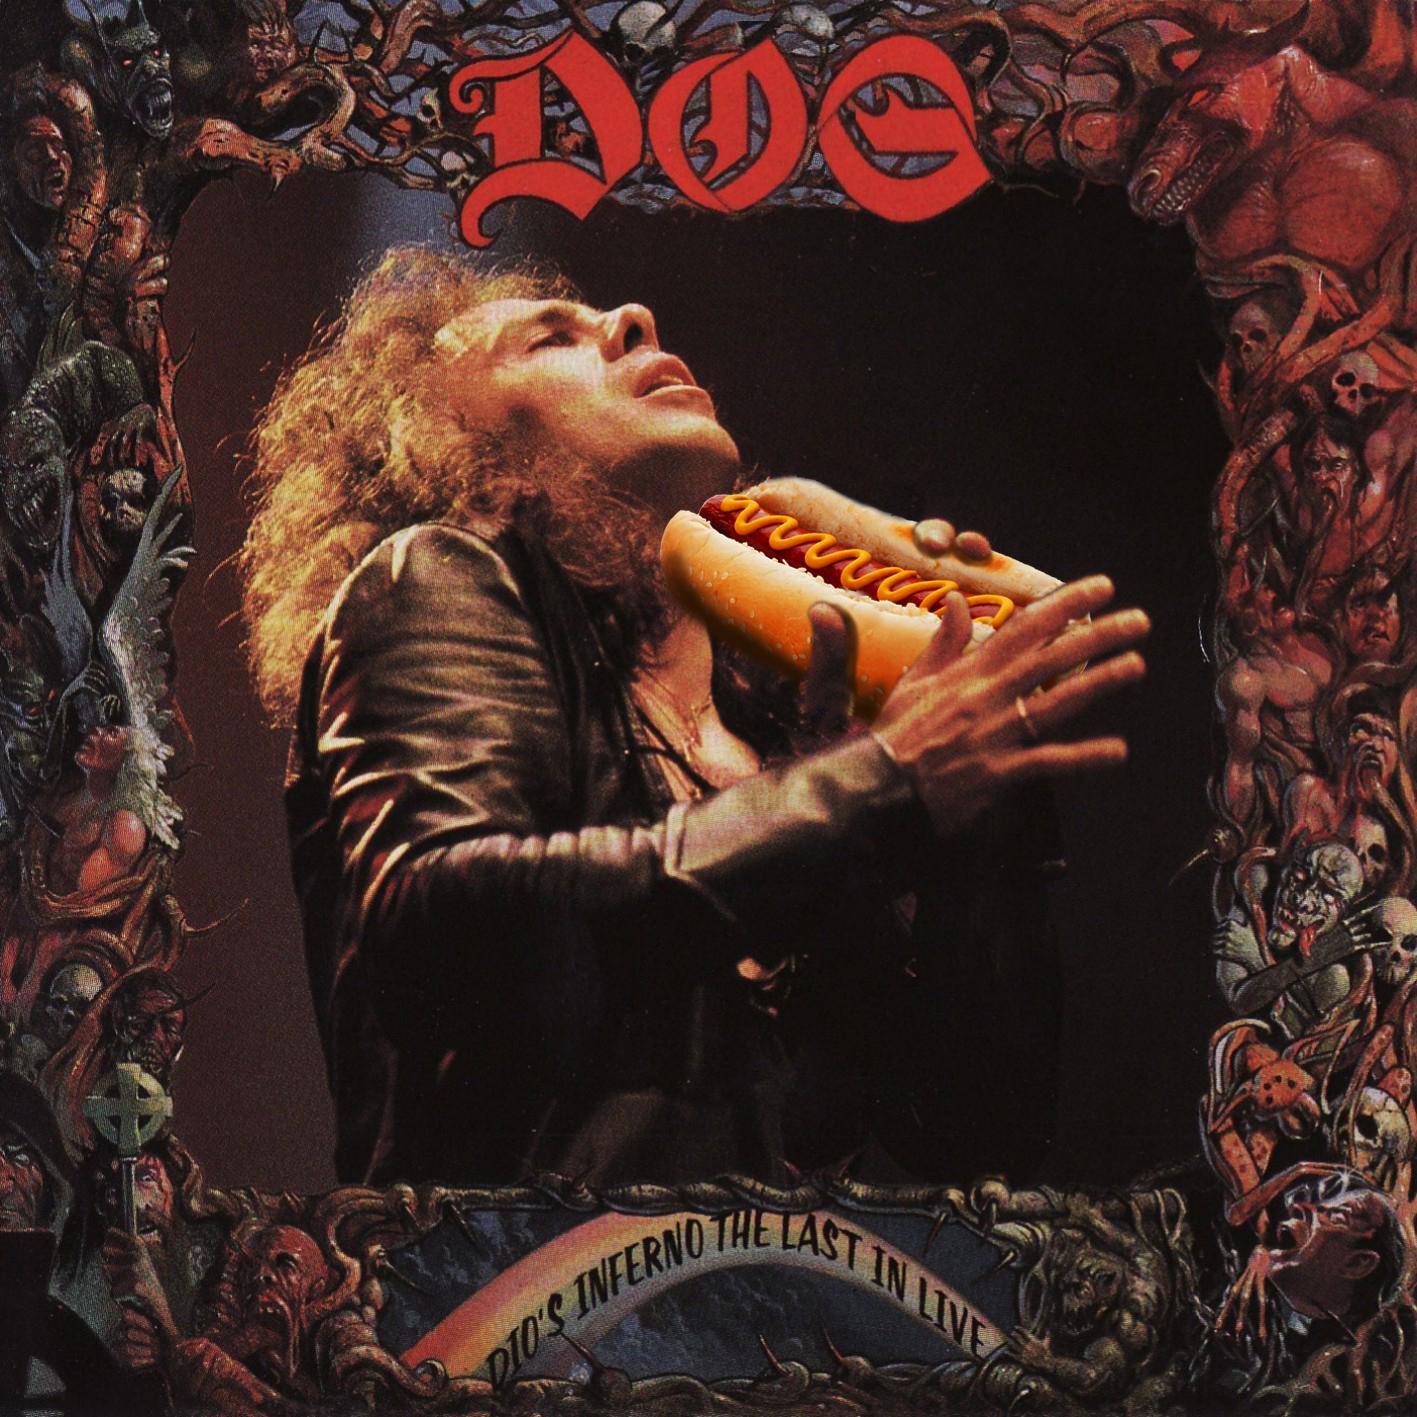 hot dog in the dark